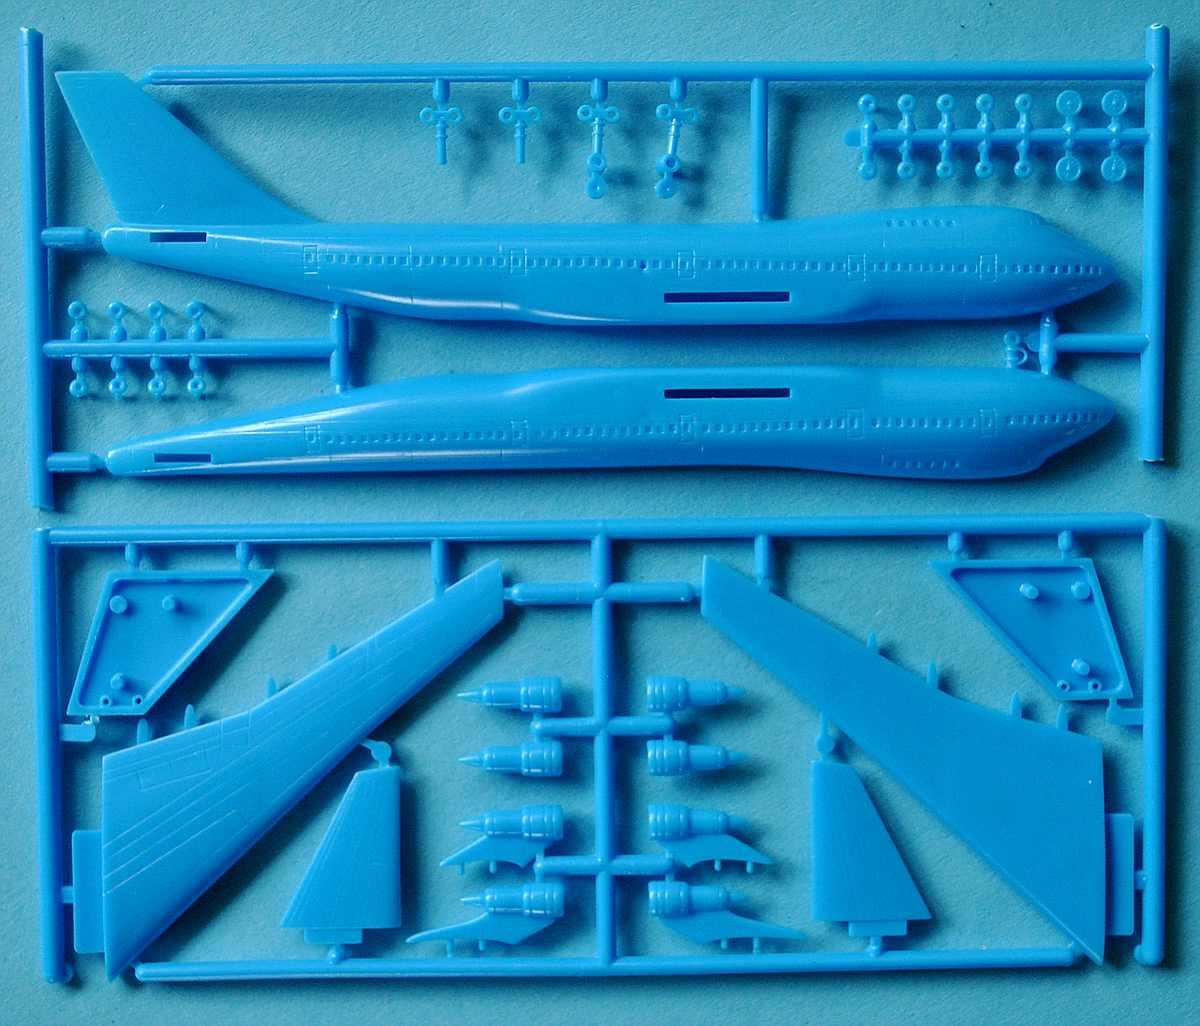 IMAI-Super-Machine-series-1-Boeing-747-Jumbo-6 Kit-Archäologie - heute: Starfix Tupolev Tu-16 im Maßstab 1:200